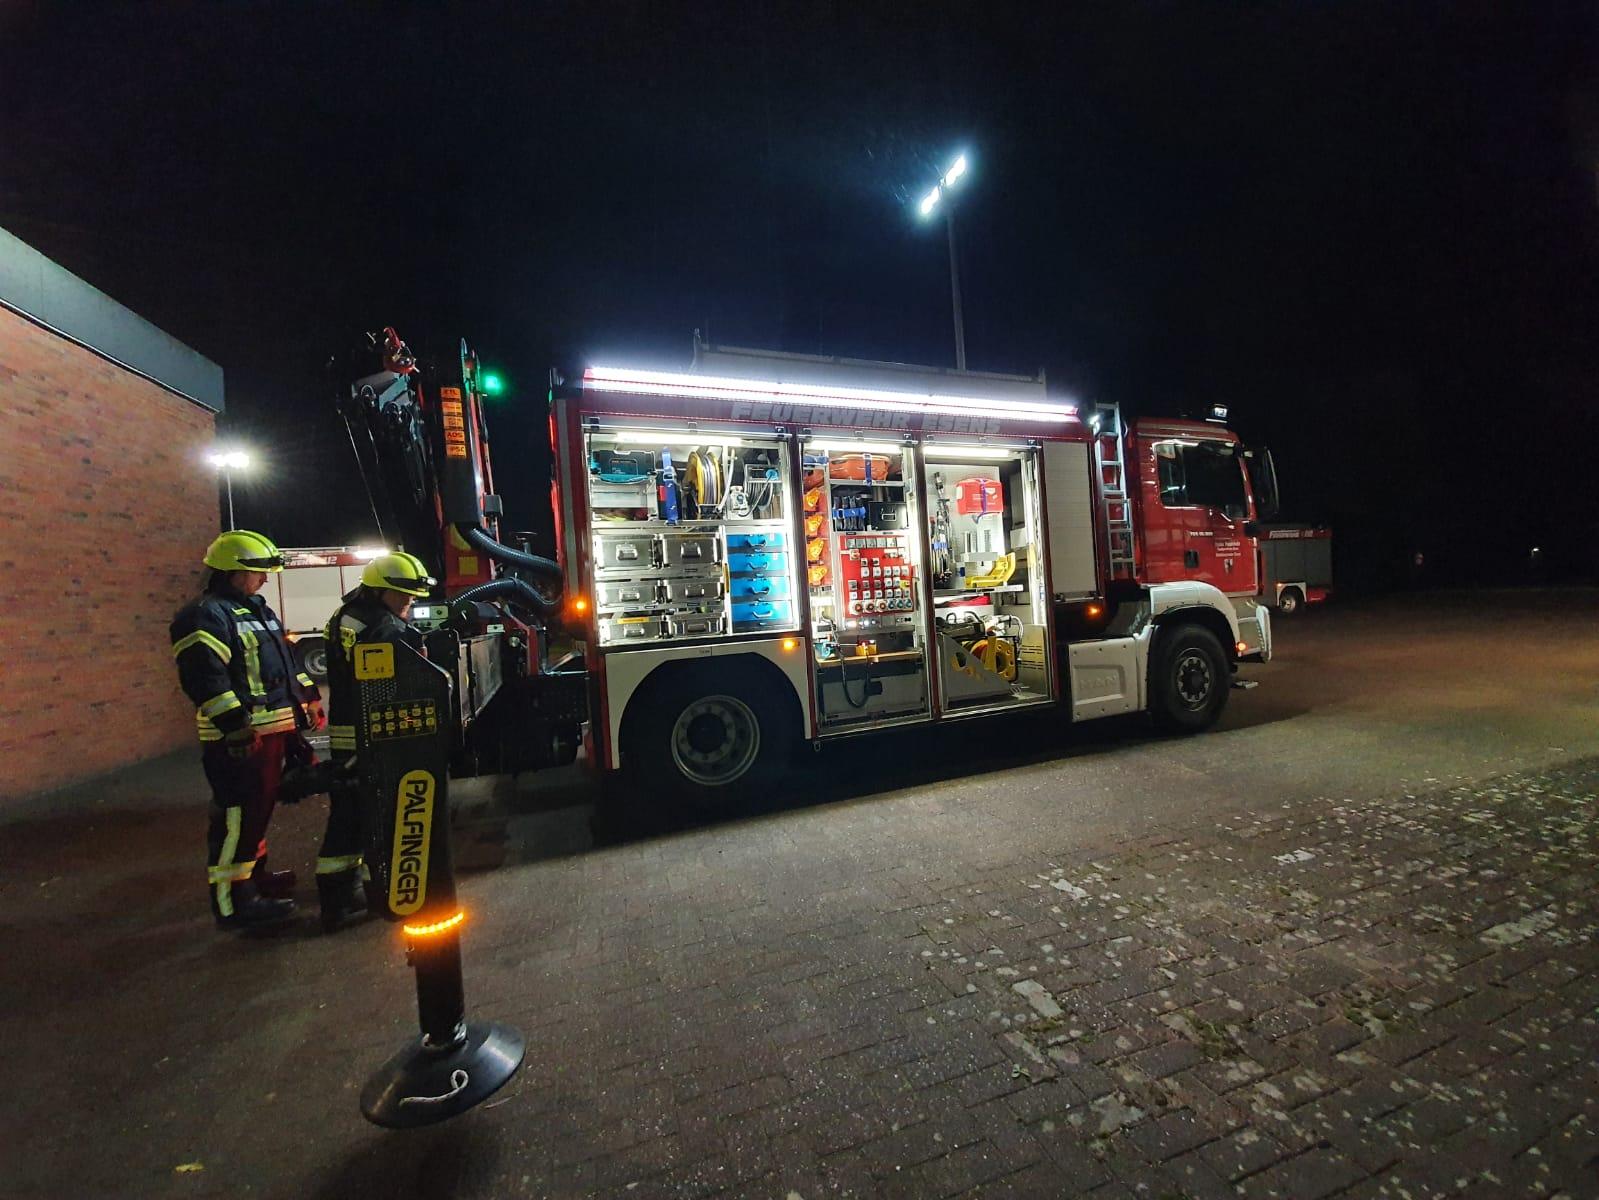 #0033 - RW-Kran Feuerwehr Esens